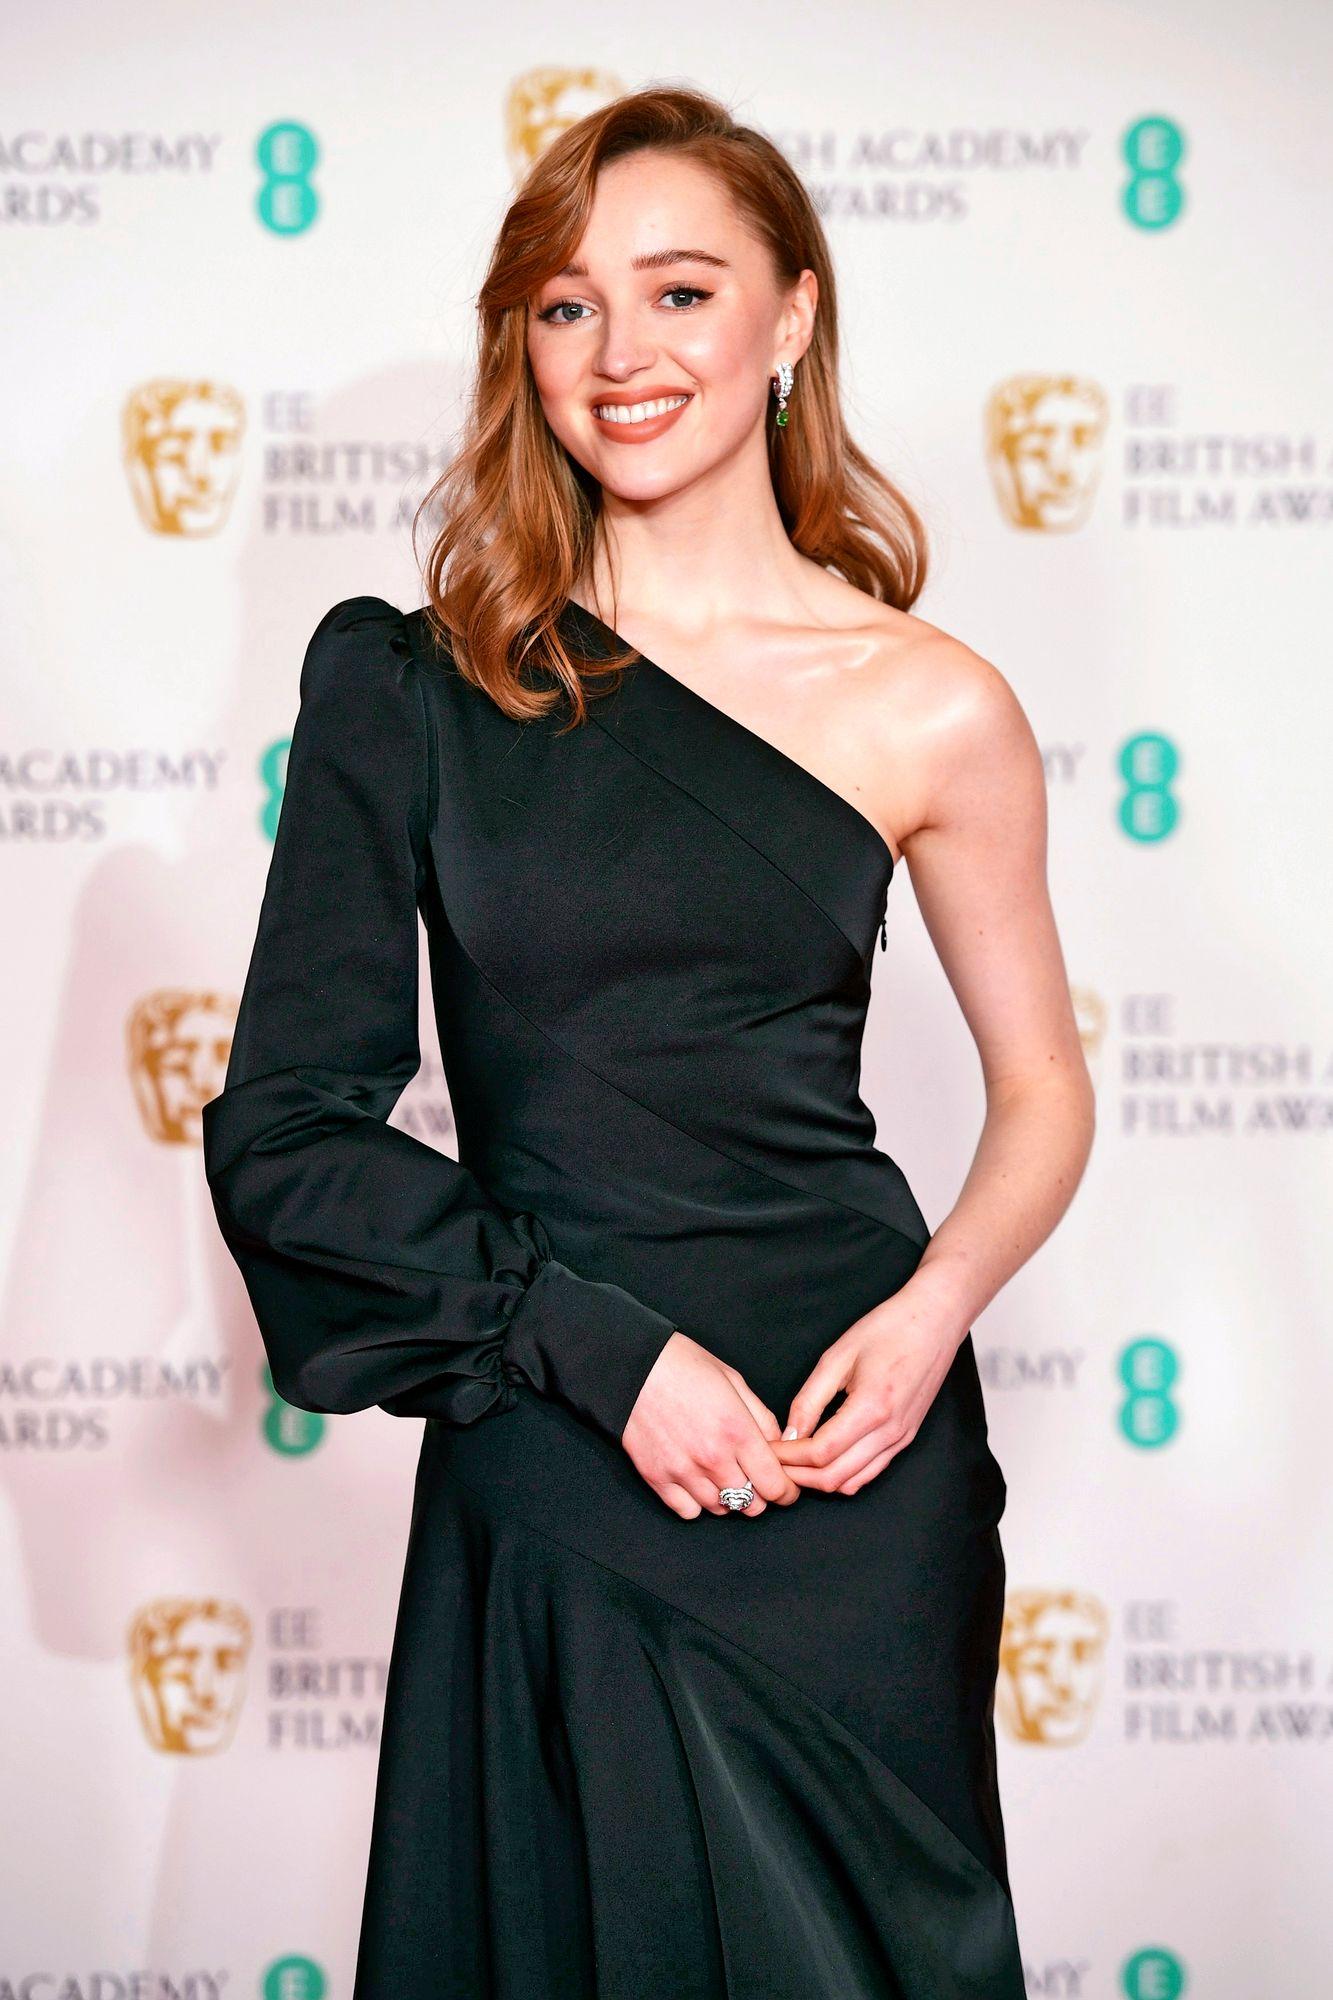 Näyttelijä Phoebe Dynevorin on voinut bongata Netflixissä pyörivästä Bridgerton -hittisarjasta. © Ian West / PA Images / MVPhotos